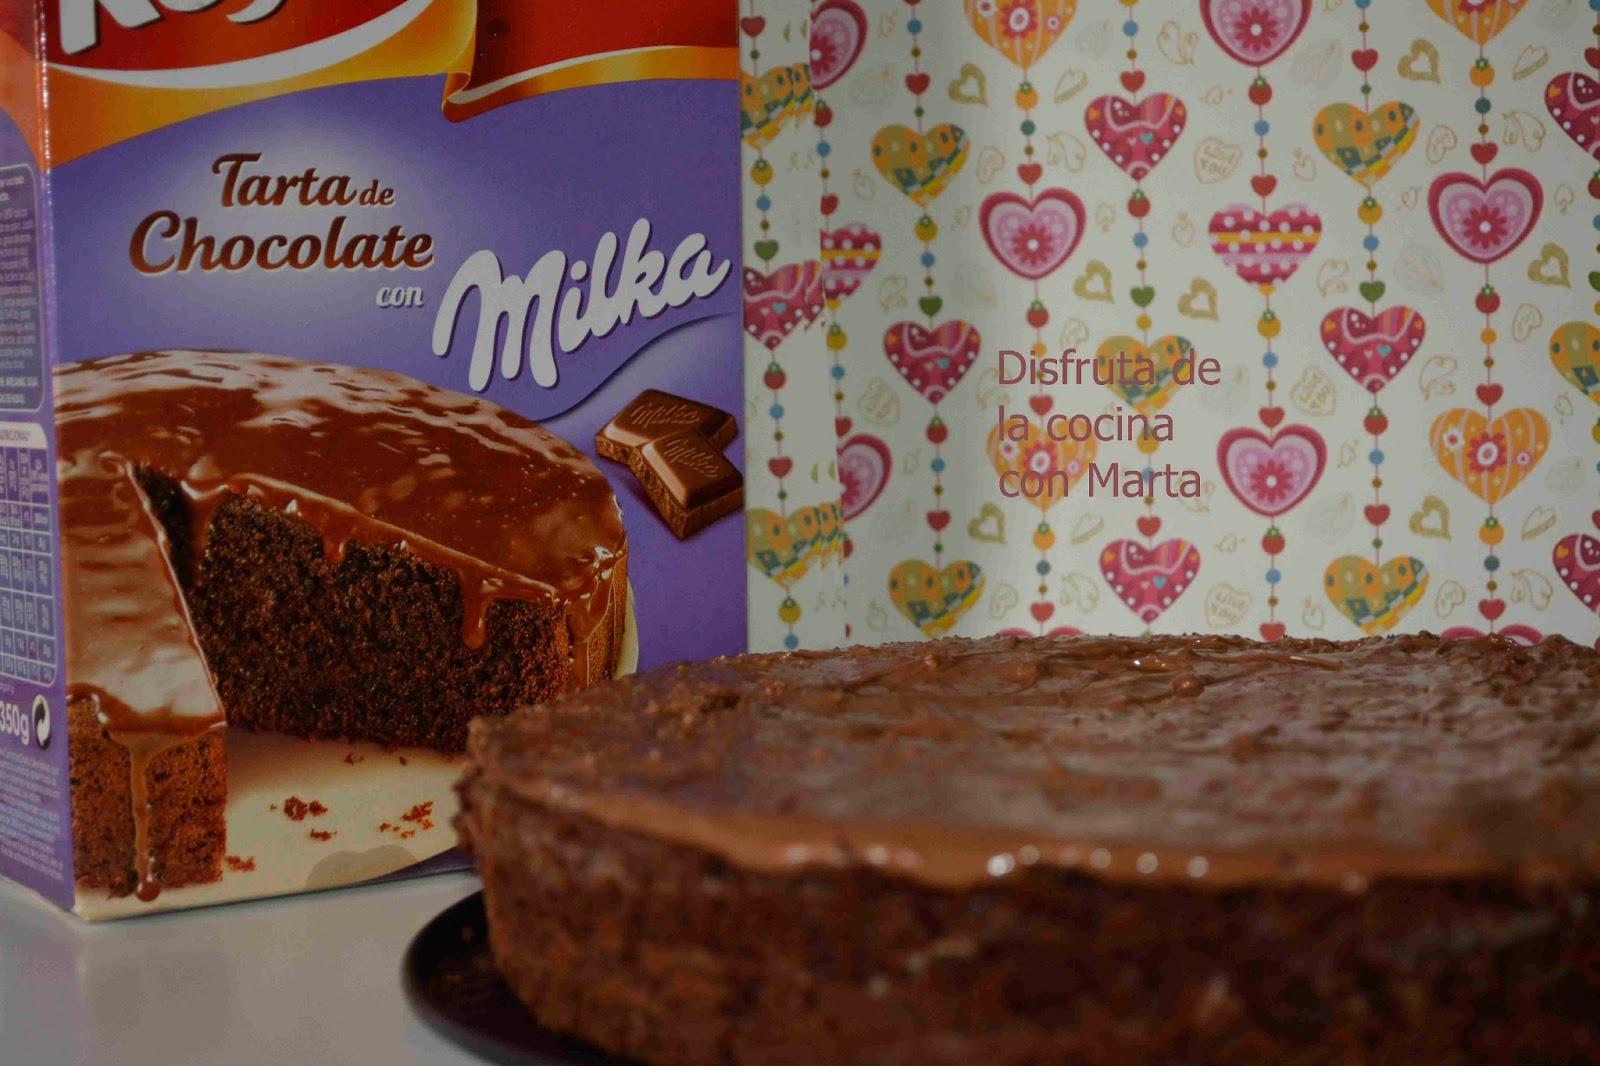 Disfruta De La Cocina Con Marta Tarta Con Chocolate Milka